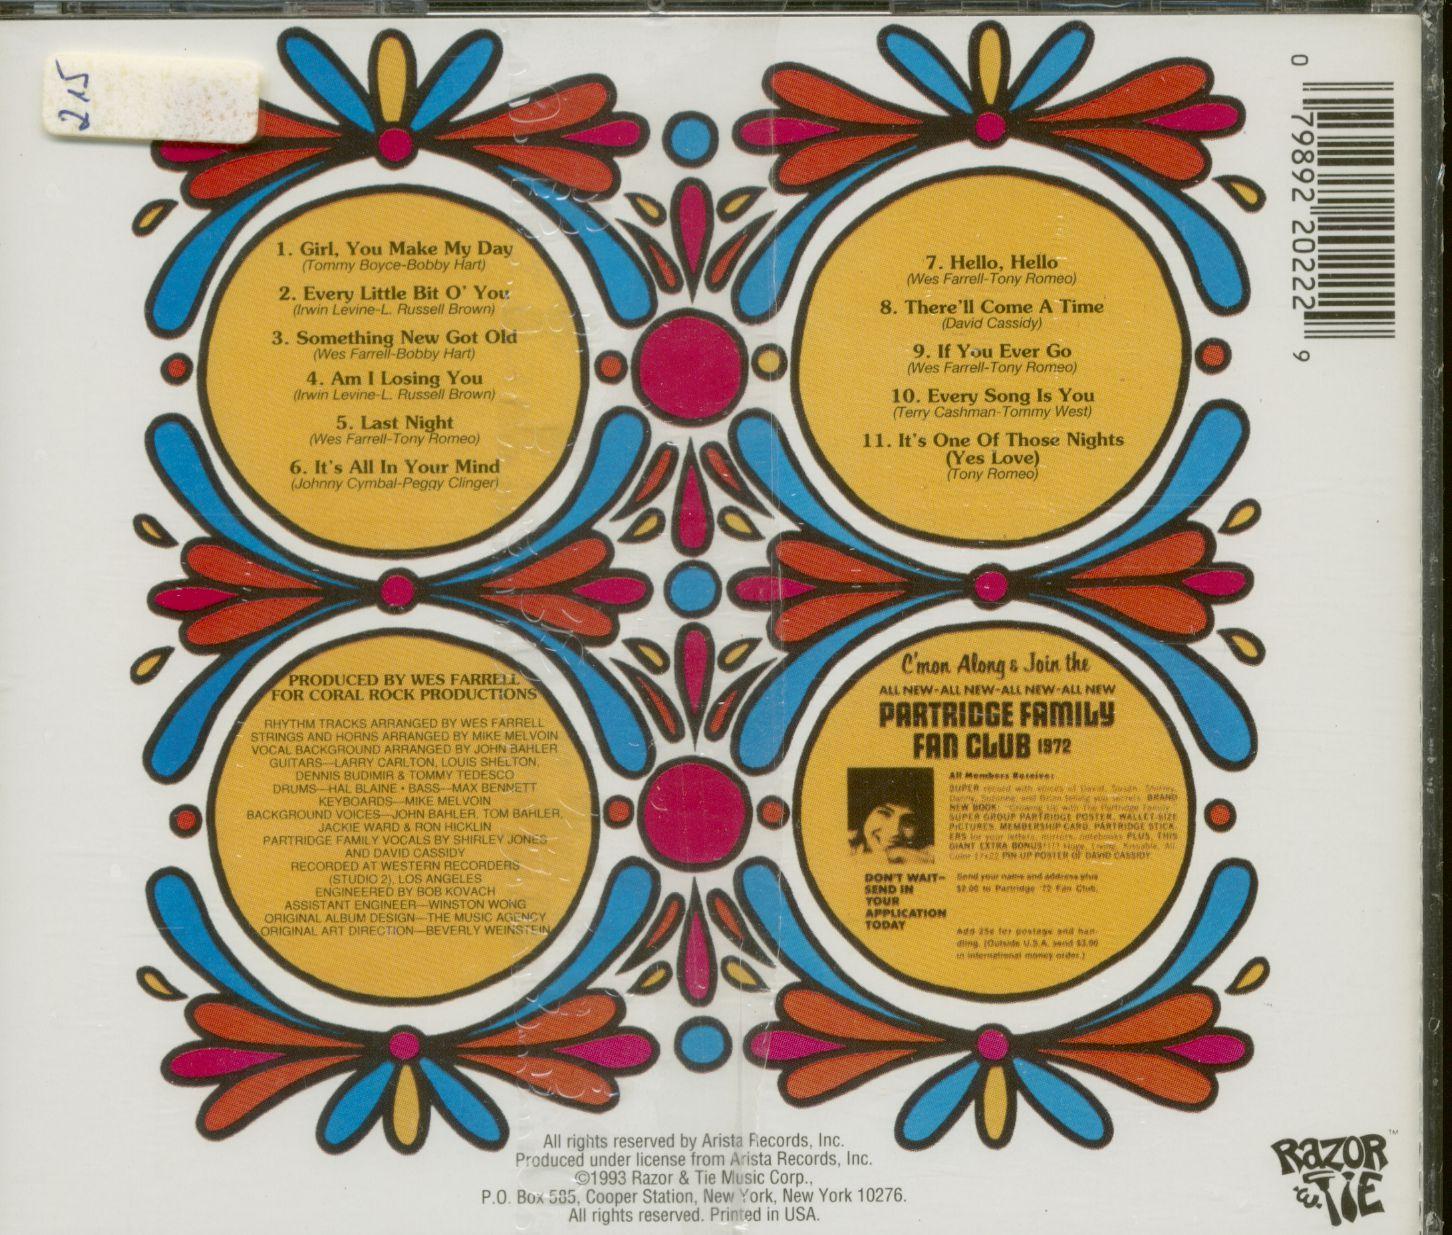 PARTRIDGE FAMILY CD: Family Shopping Bag (CD) - Bear Family